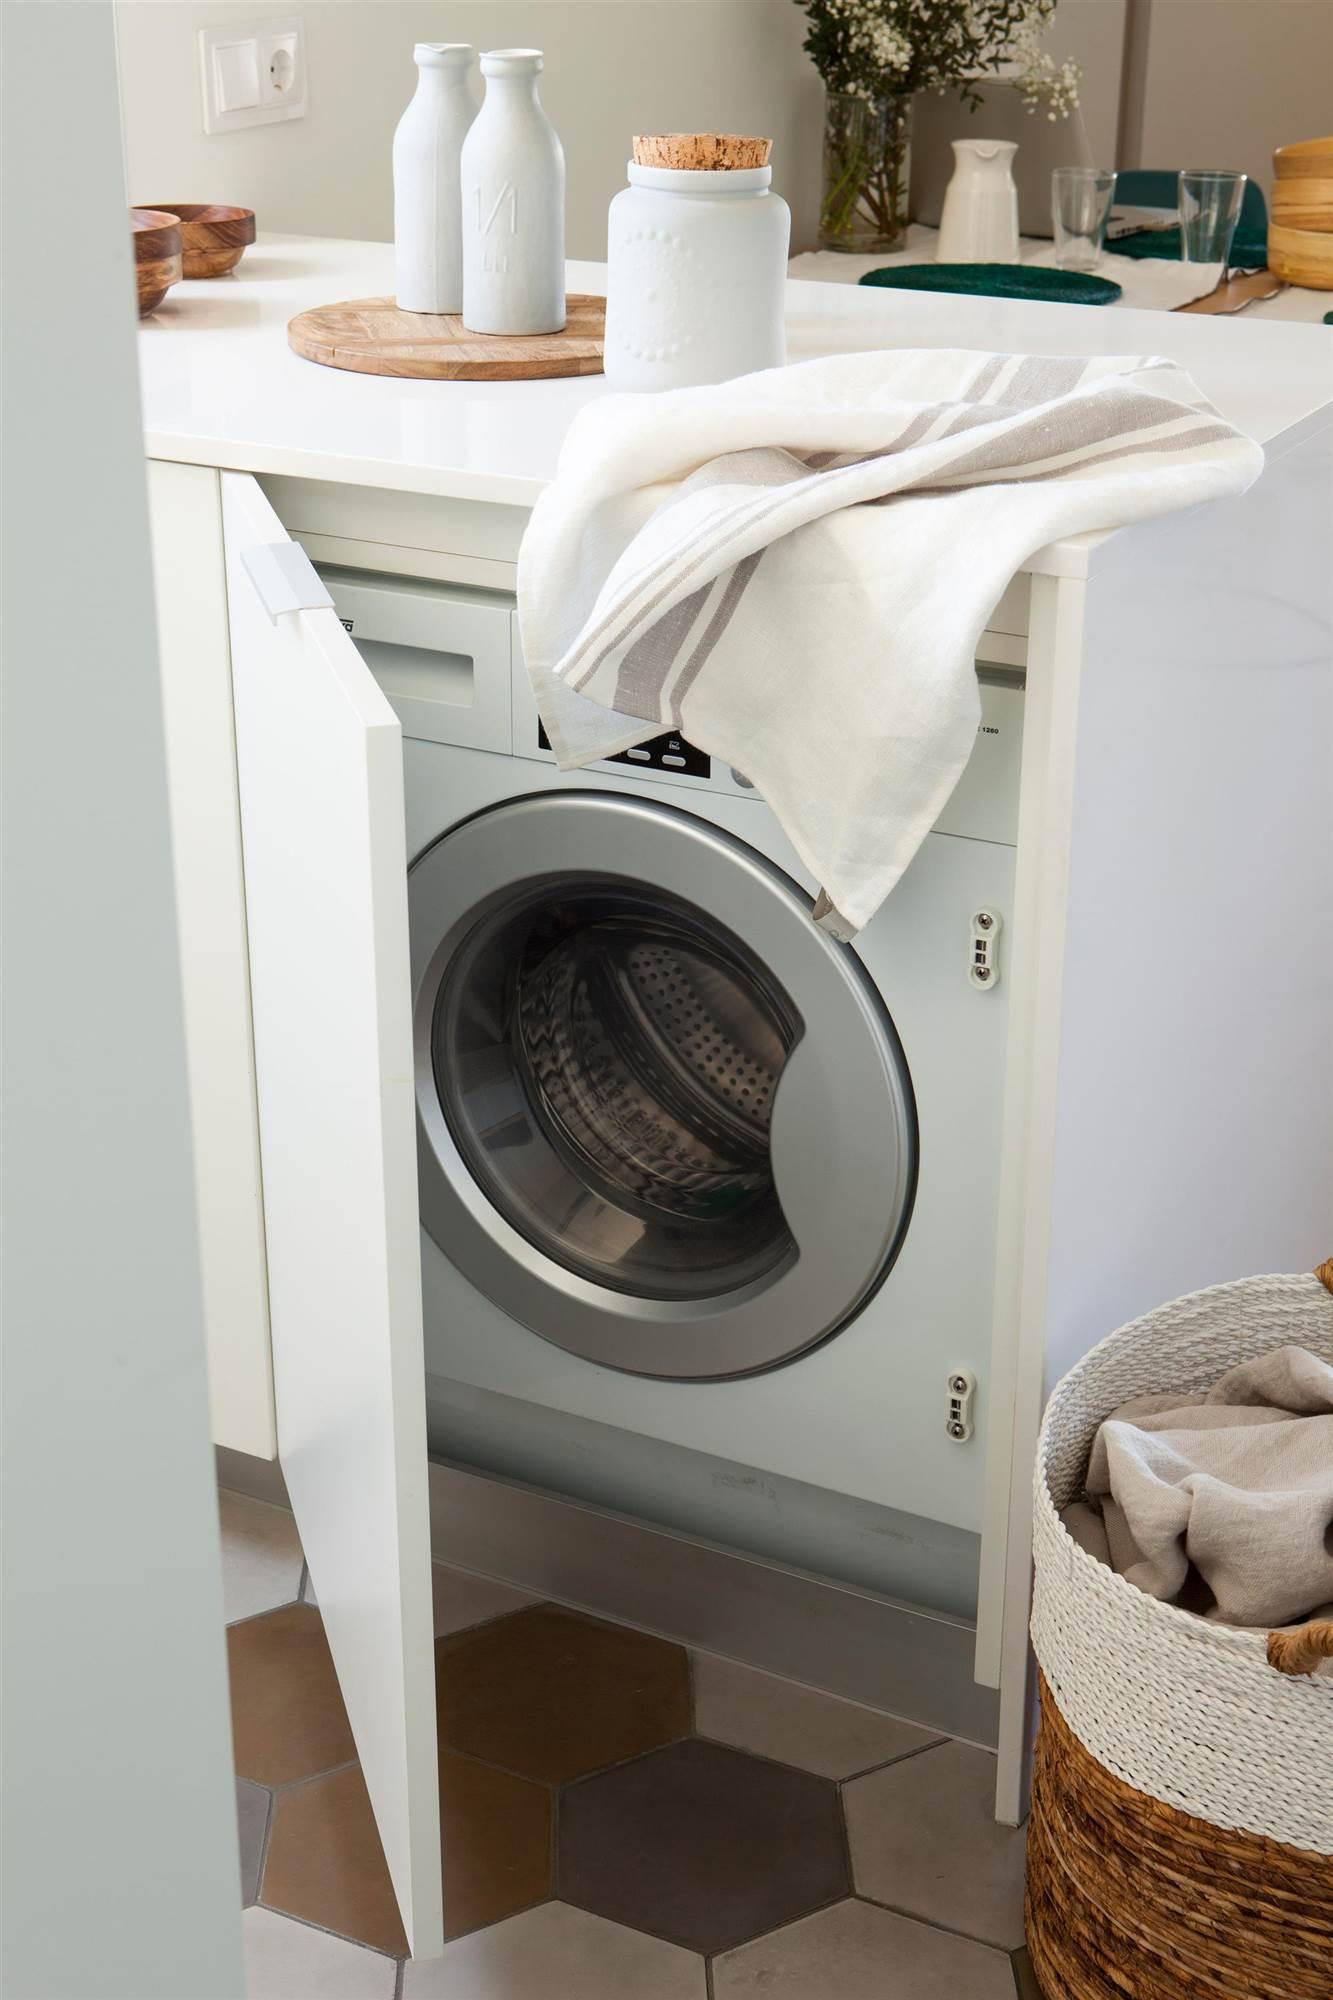 Ideas para aprovechar el espacio en las cocinas peque as - Lavadora secadora pequena ...